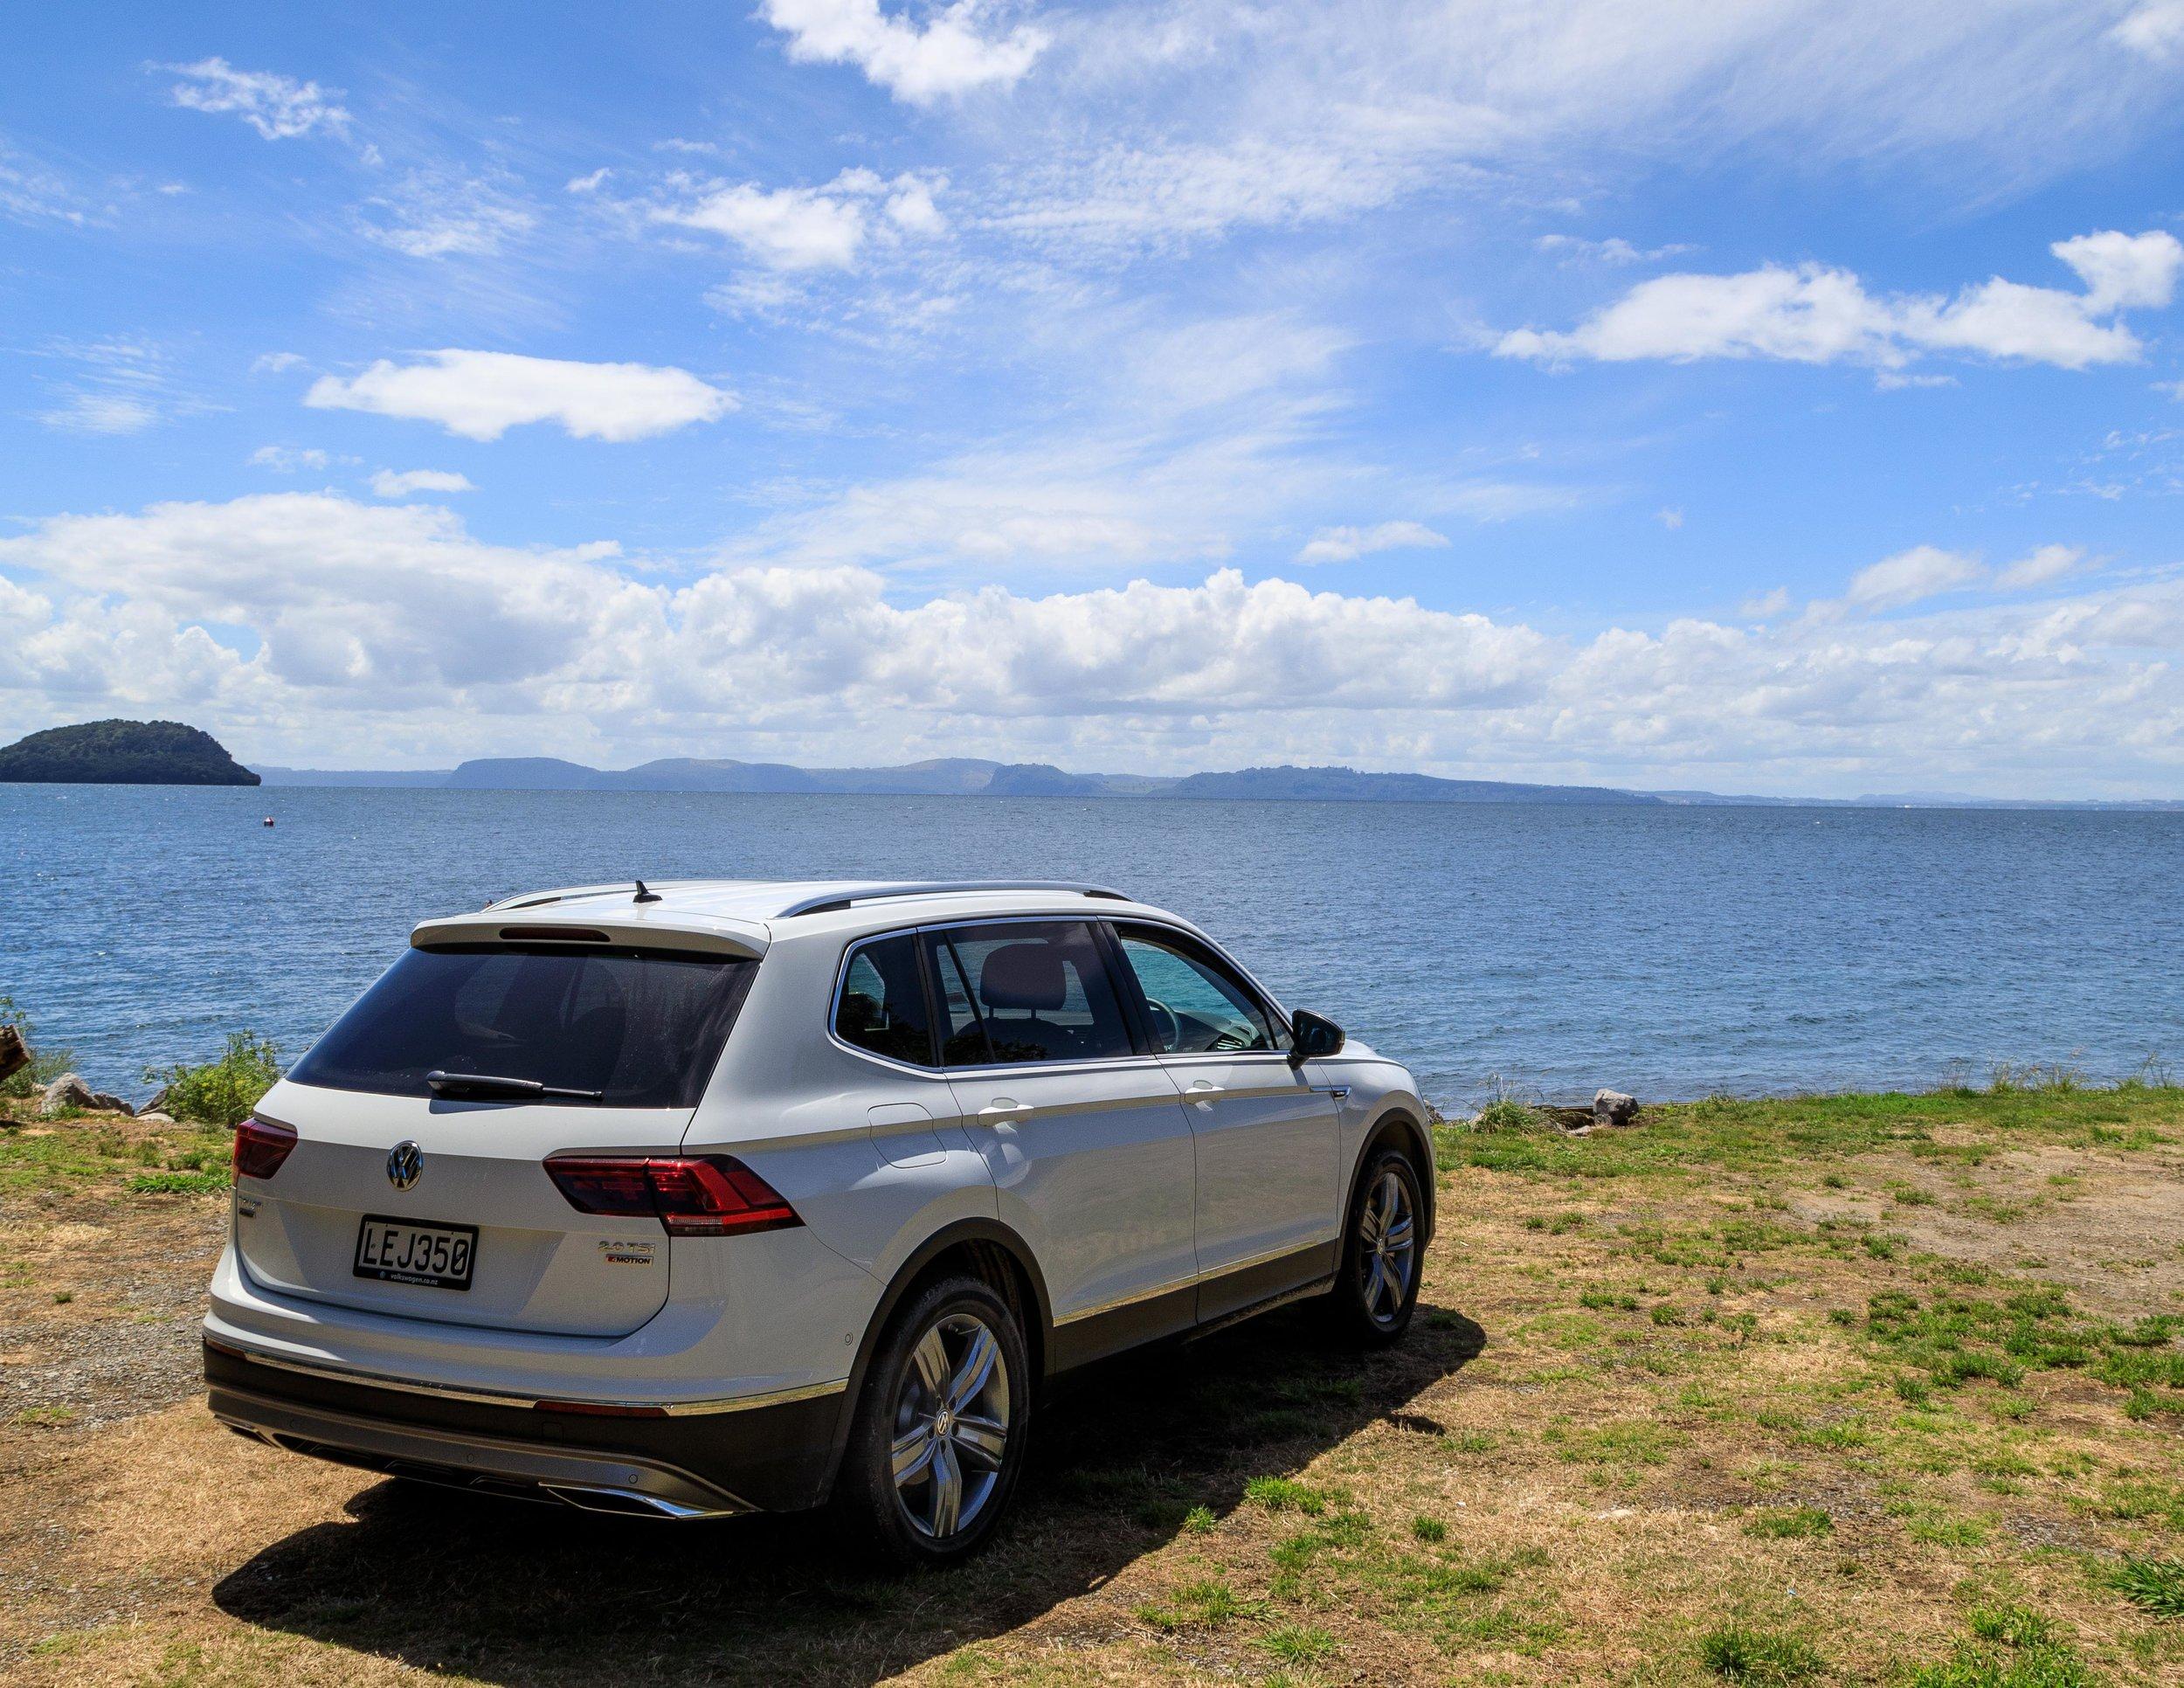 A brief stop at Lake Taupo. We'll be back!